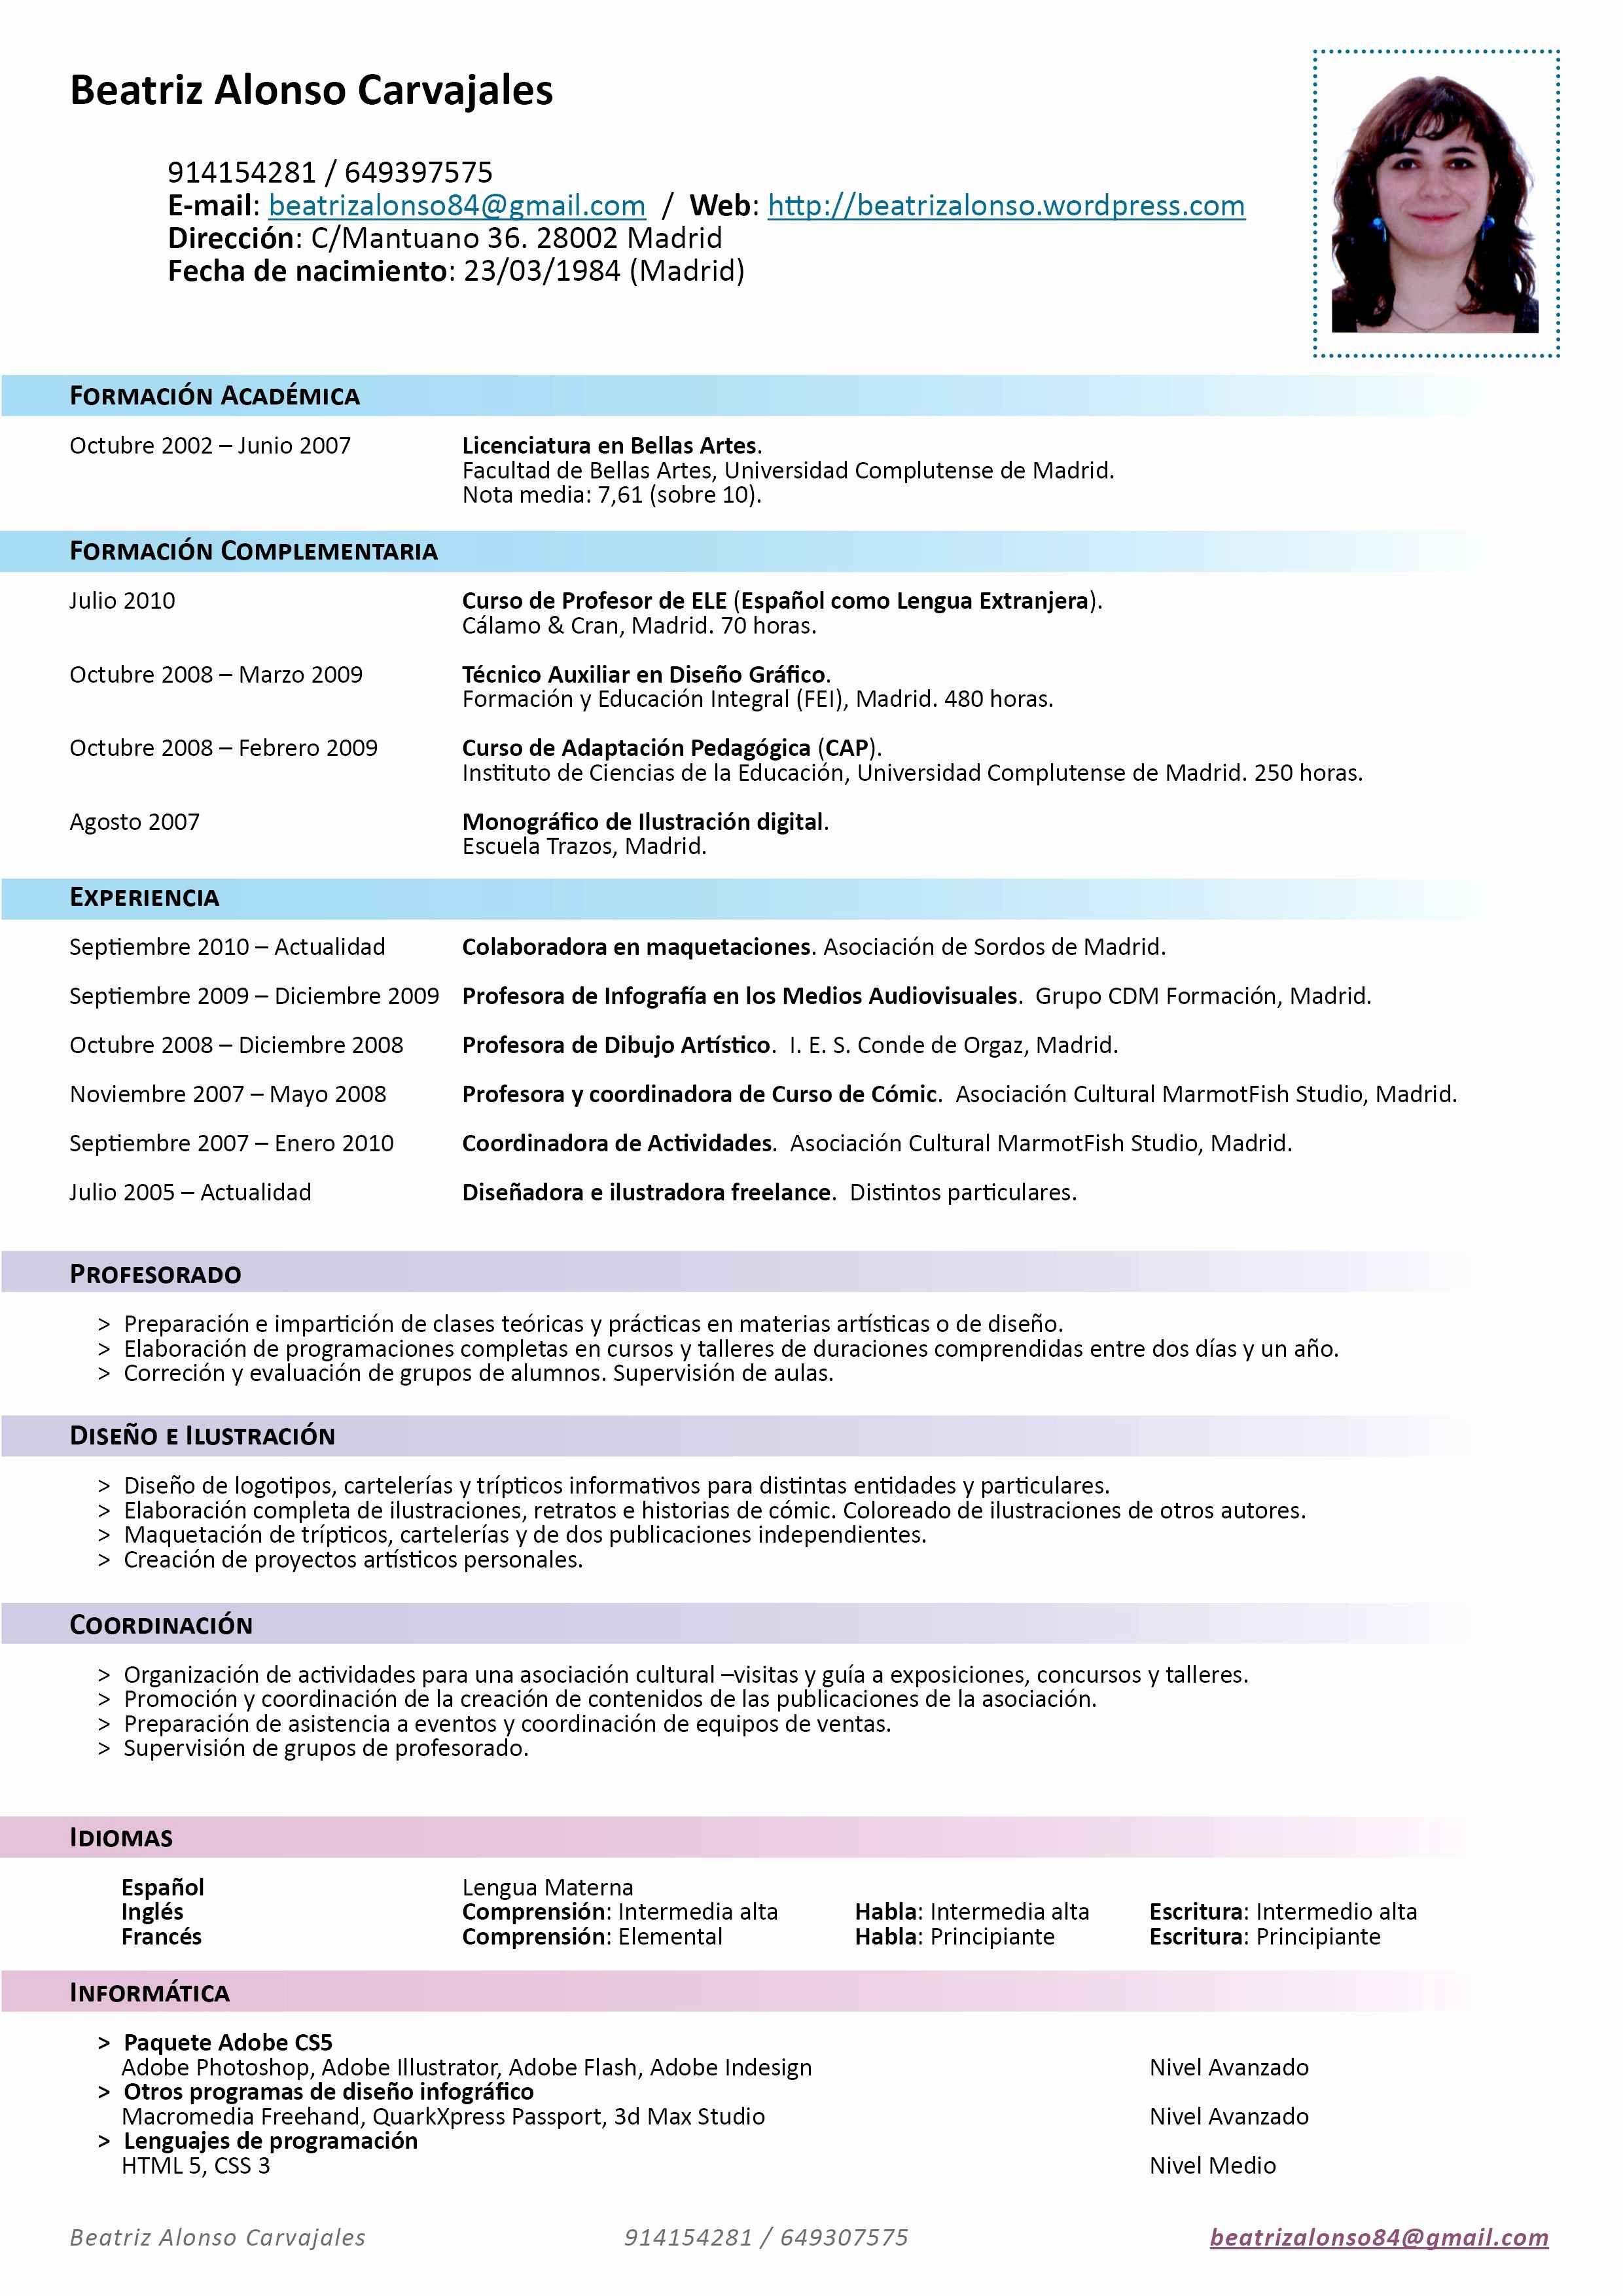 Ejemplos De Resume De Trabajo Luxury Ejemplo Curriculum Vitae Espa±a ...